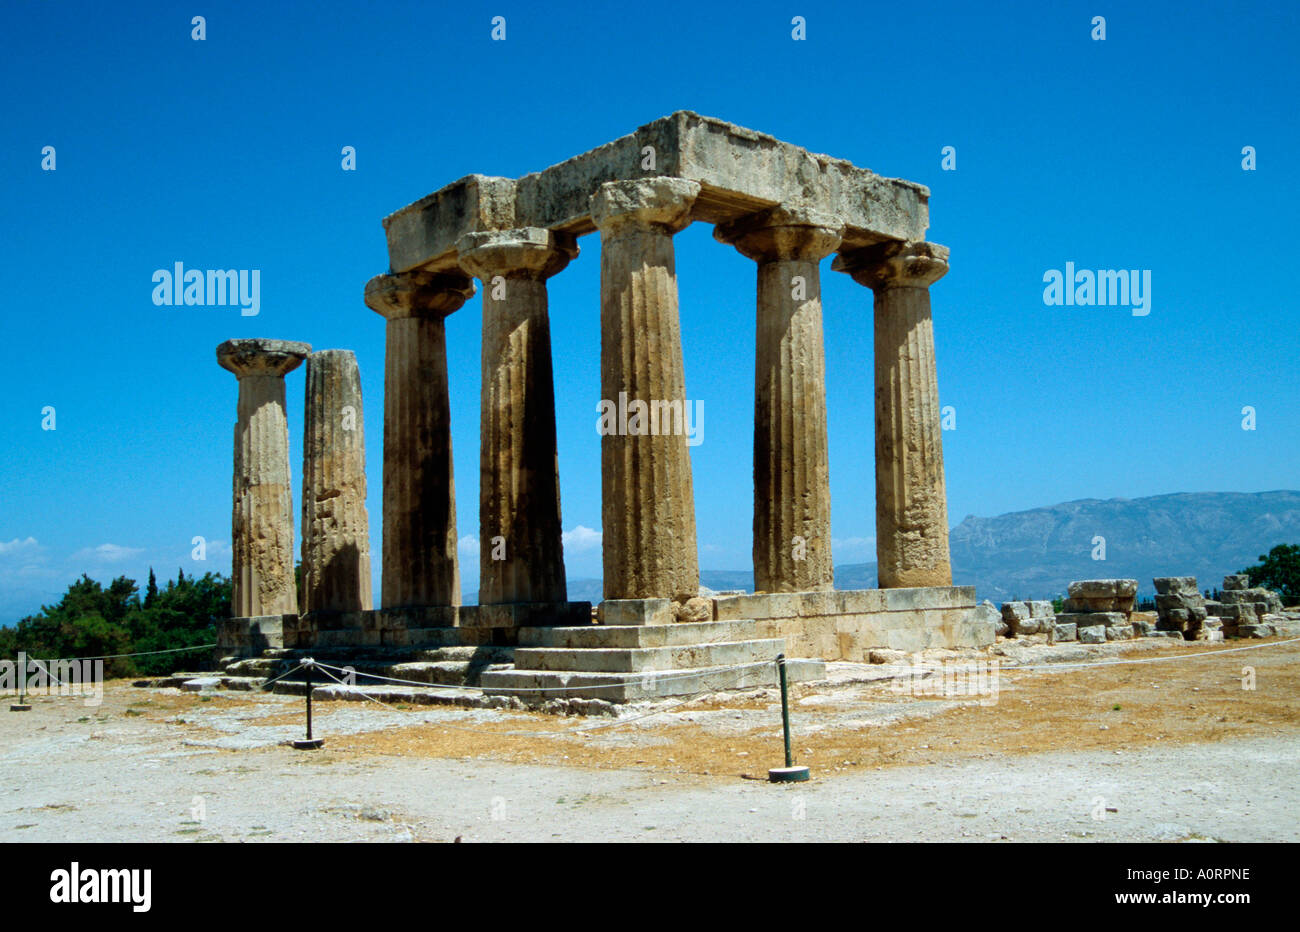 Temple of Apollon / Antikes Korinth / Apollo-Tempel - Stock Image